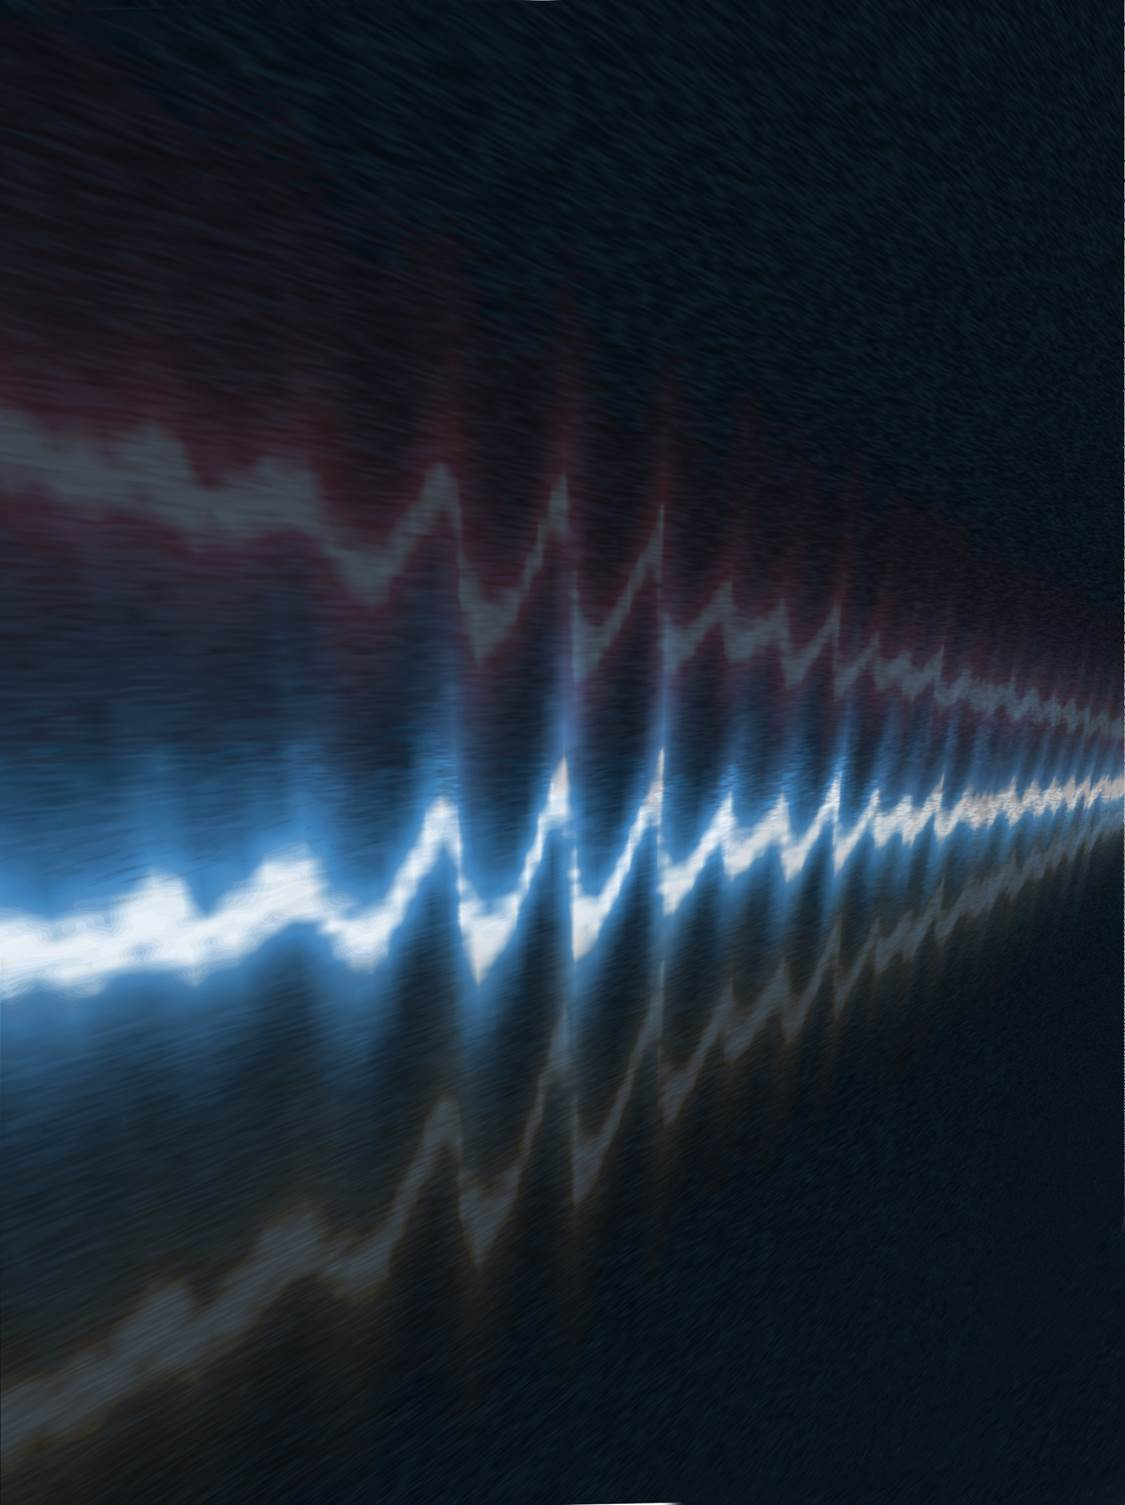 Image d'un oscilloscope à trace du champ électrique de quelques cycles d'une impulsion lumineuse de 800 nm